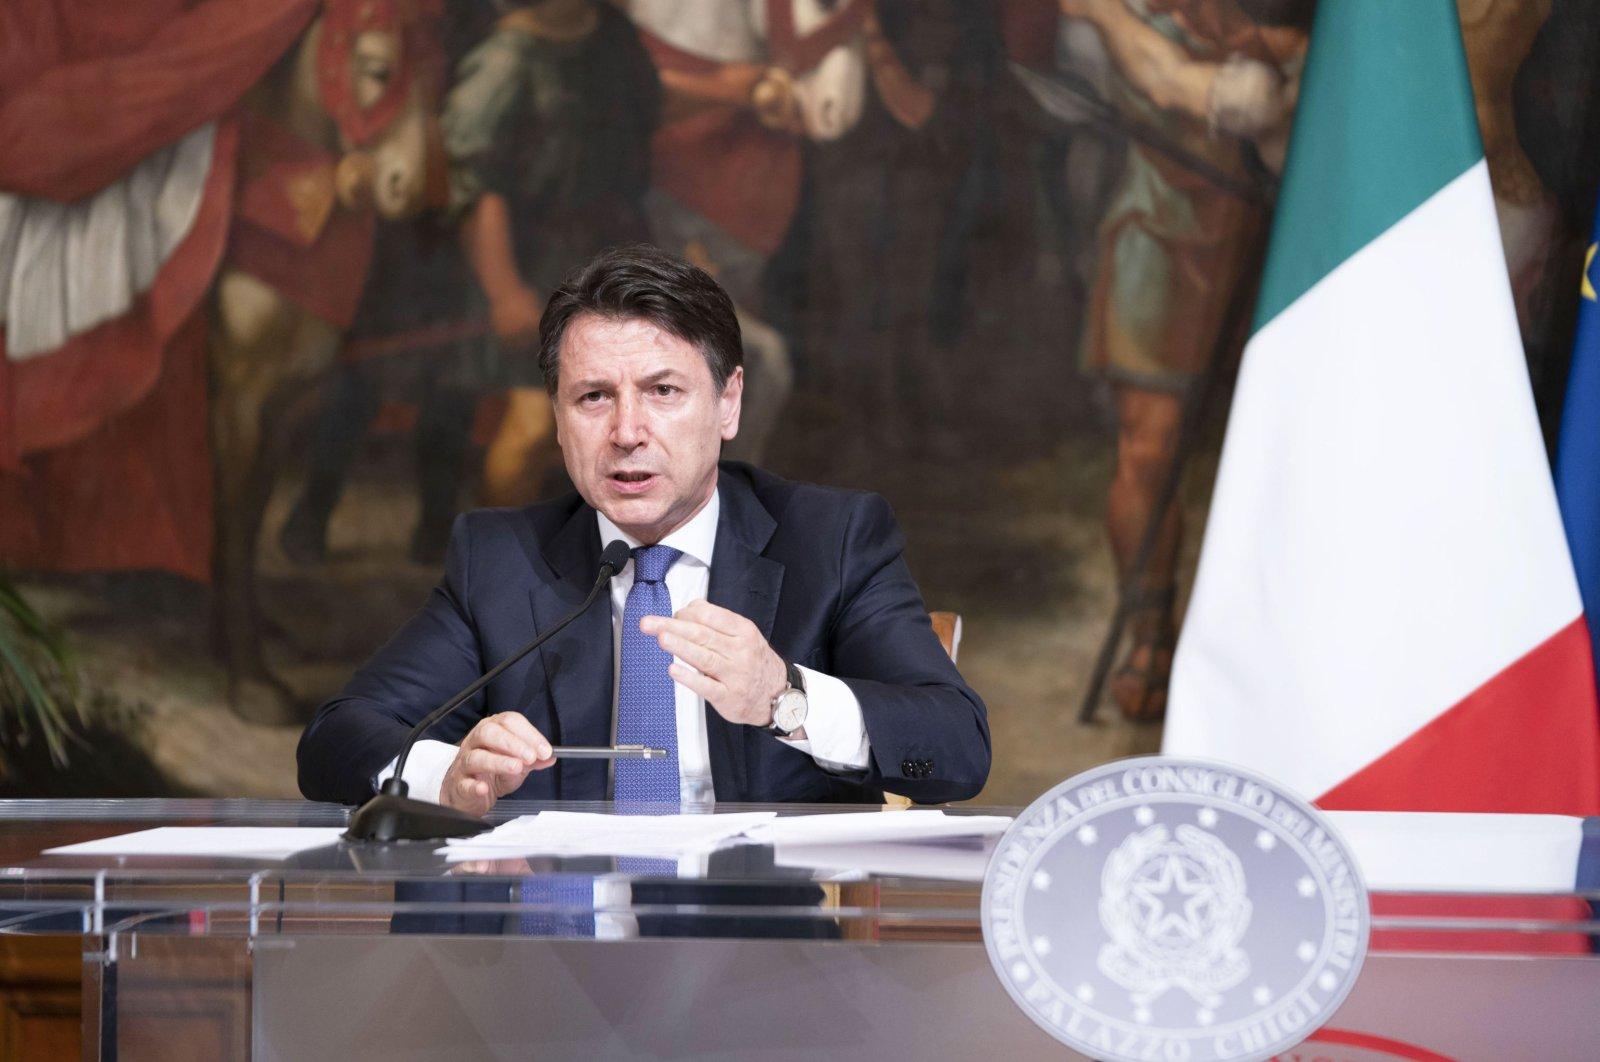 Italian Prime Minister Giuseppe Conte attending a press conference at Palazzo Chigi, Rome, March 28, 2020. (EPA Photo)